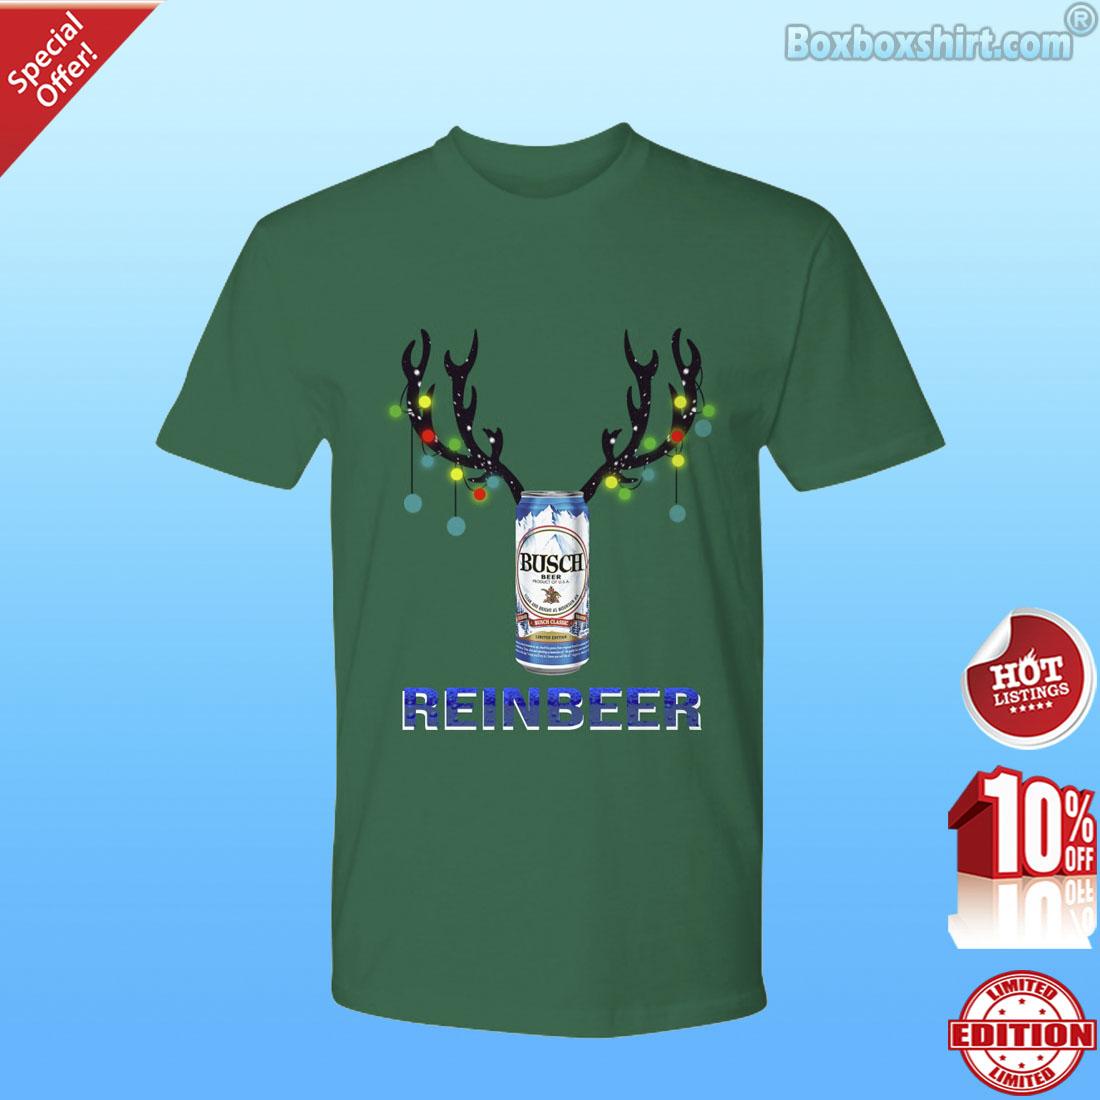 Busch beer reinbeer deer horn